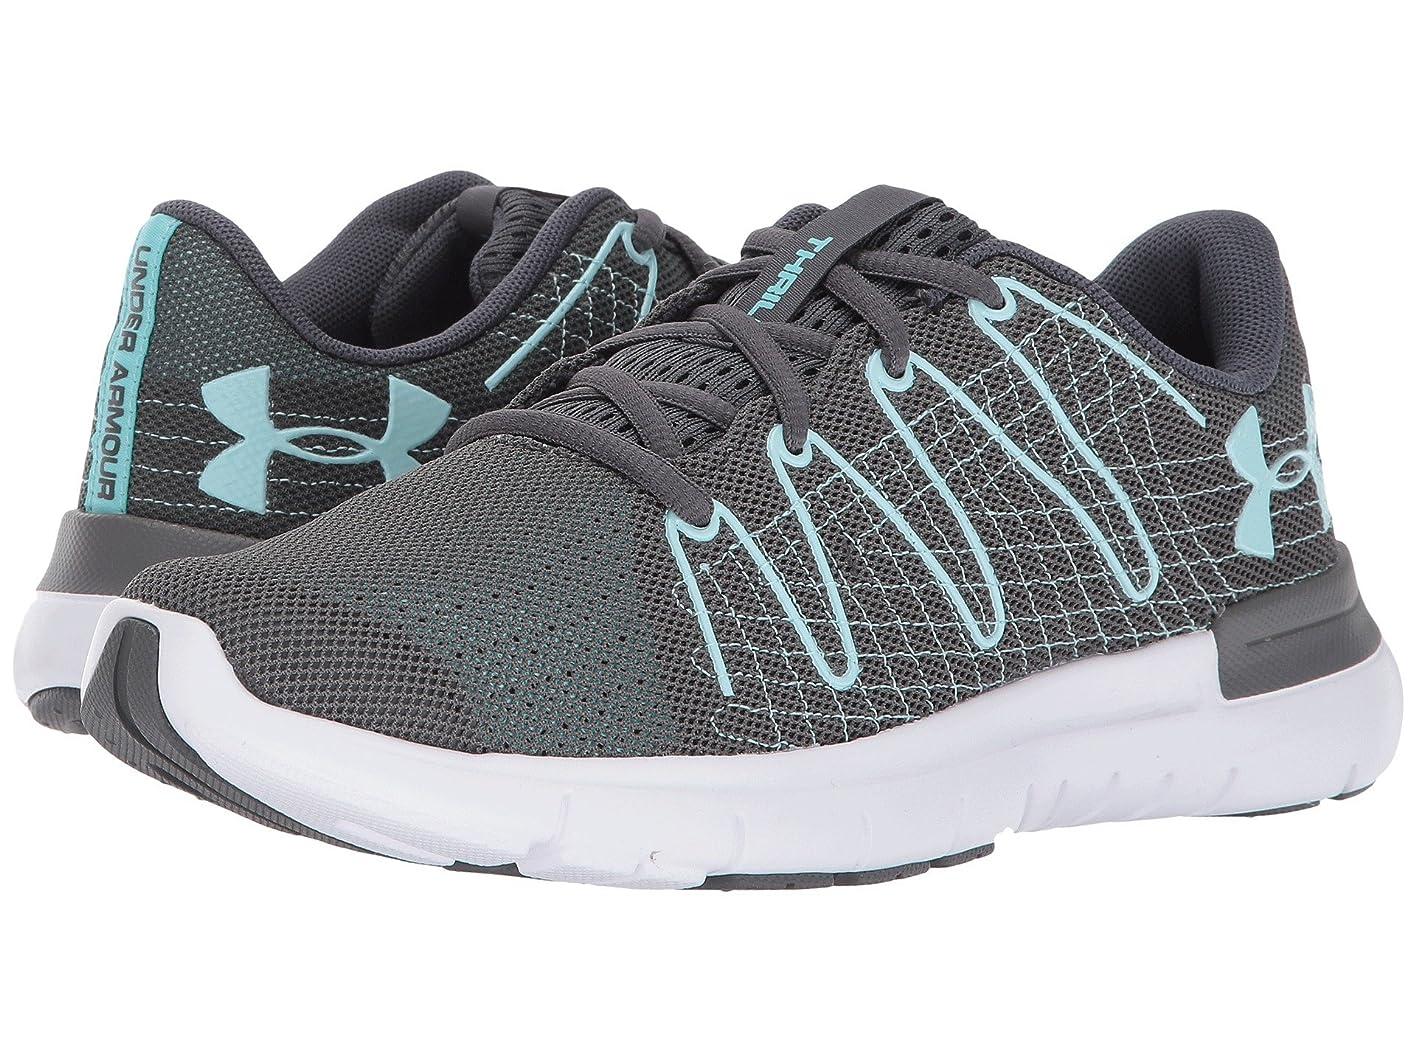 ディレクトリ添加手つかずの(アンダーアーマー) UNDER ARMOUR レディースランニングシューズ?スニーカー?靴 Thrill 3 Rhino Gray/White/Blue Infinity 6.5 (23.5cm) B - Medium